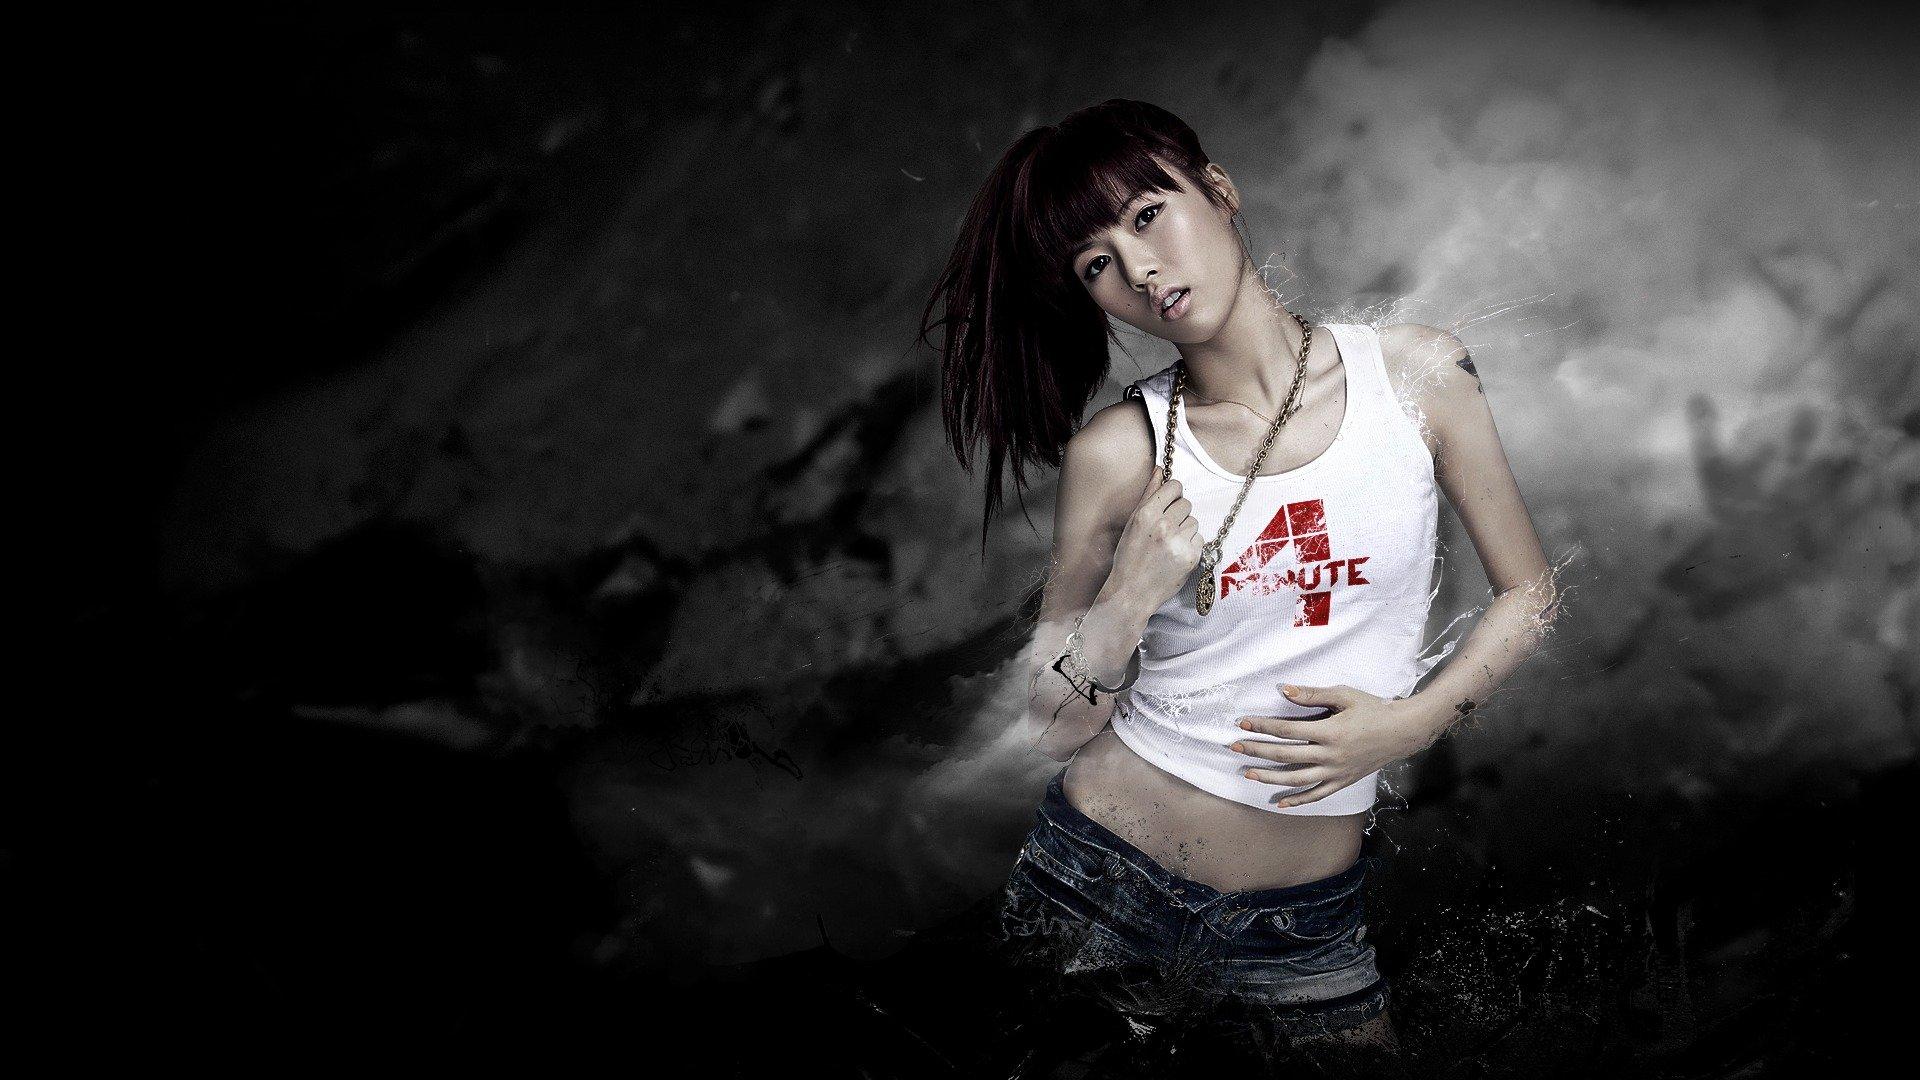 Девушка модель корея работа все фотографии максим